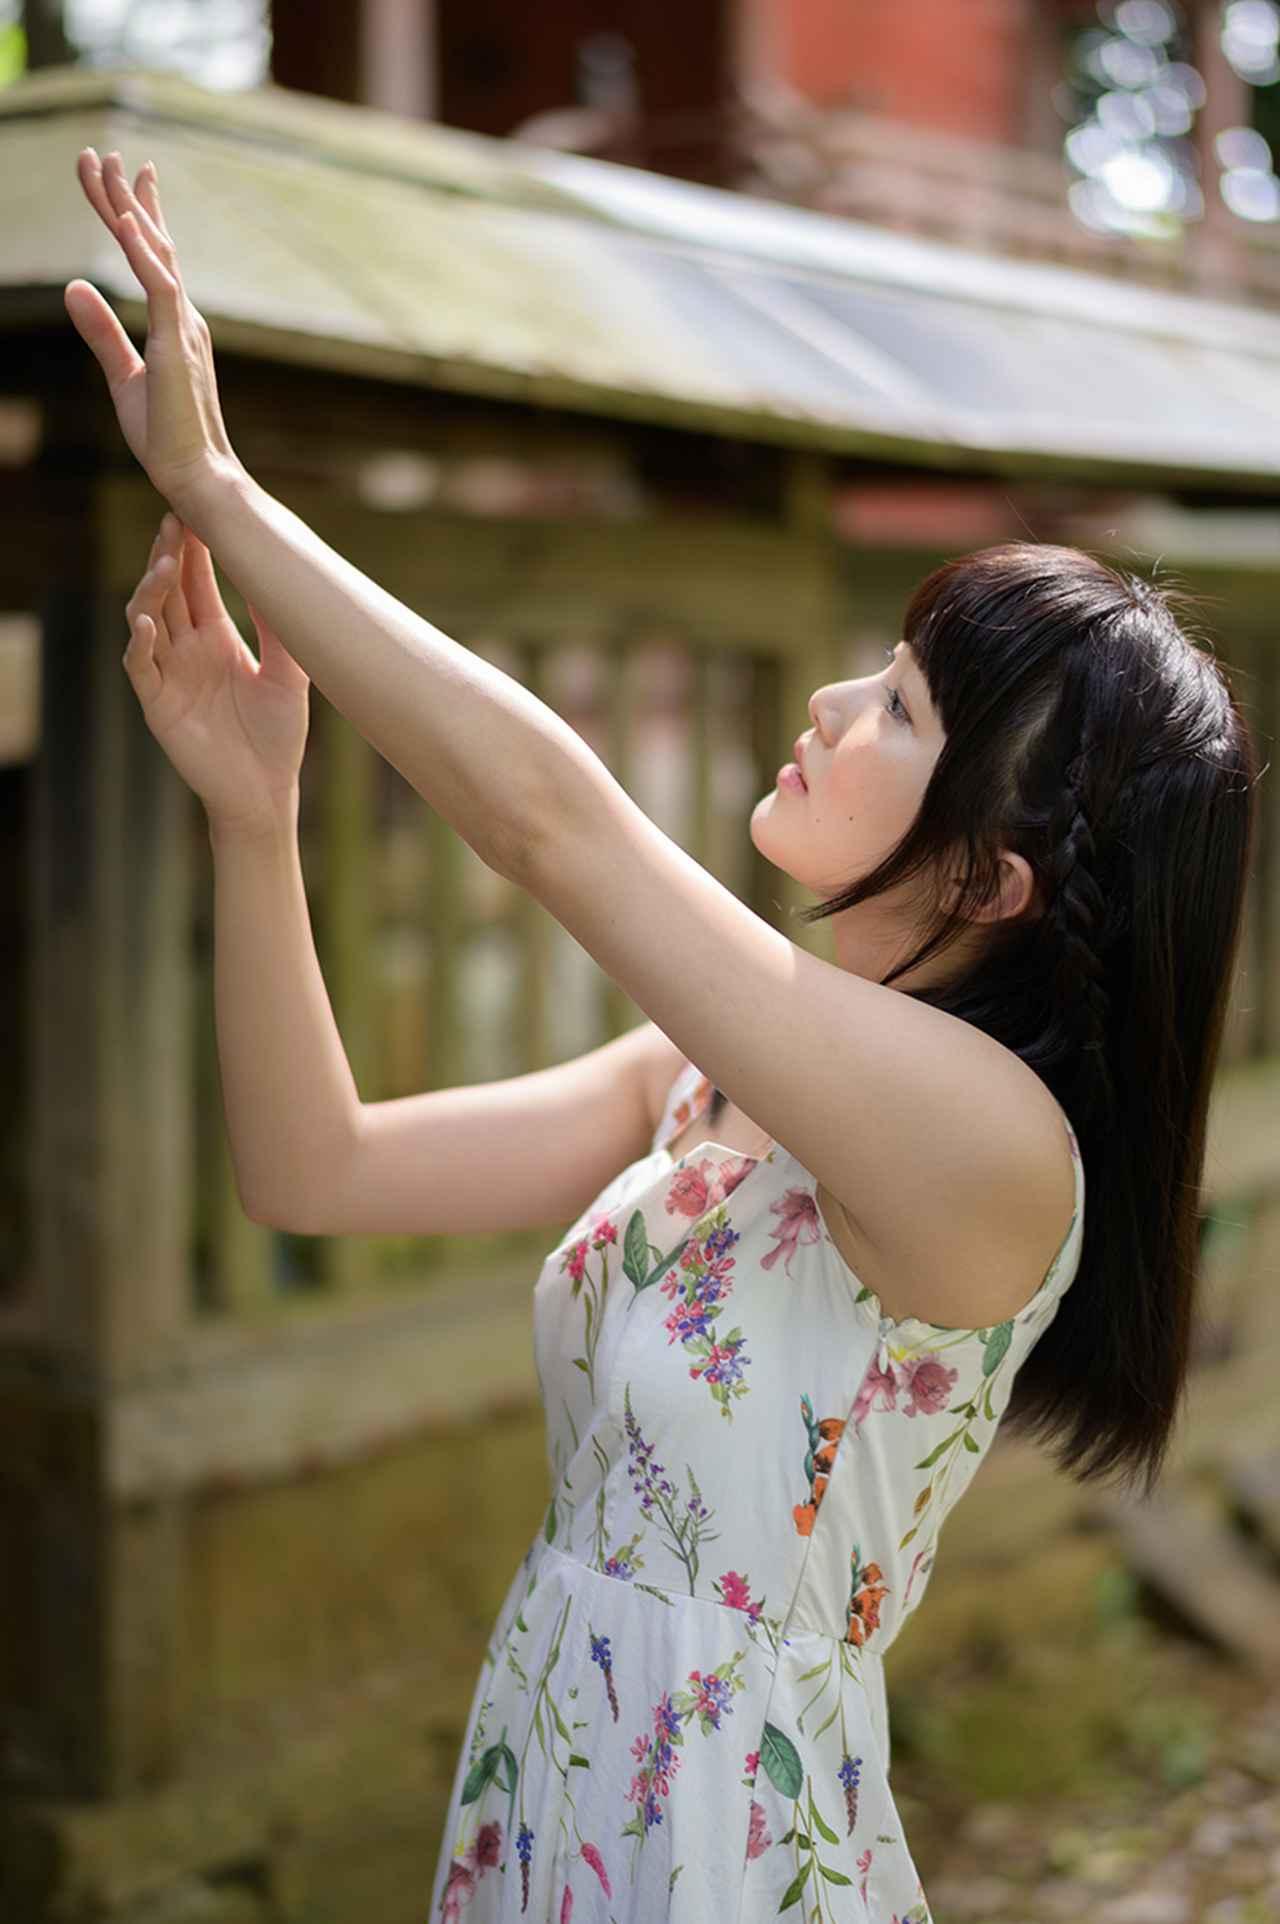 画像: Nikon Z 6 +AF-S NIKKOR 58mm f/1.4G 1/125 f1.4 ISO125 WB:5000